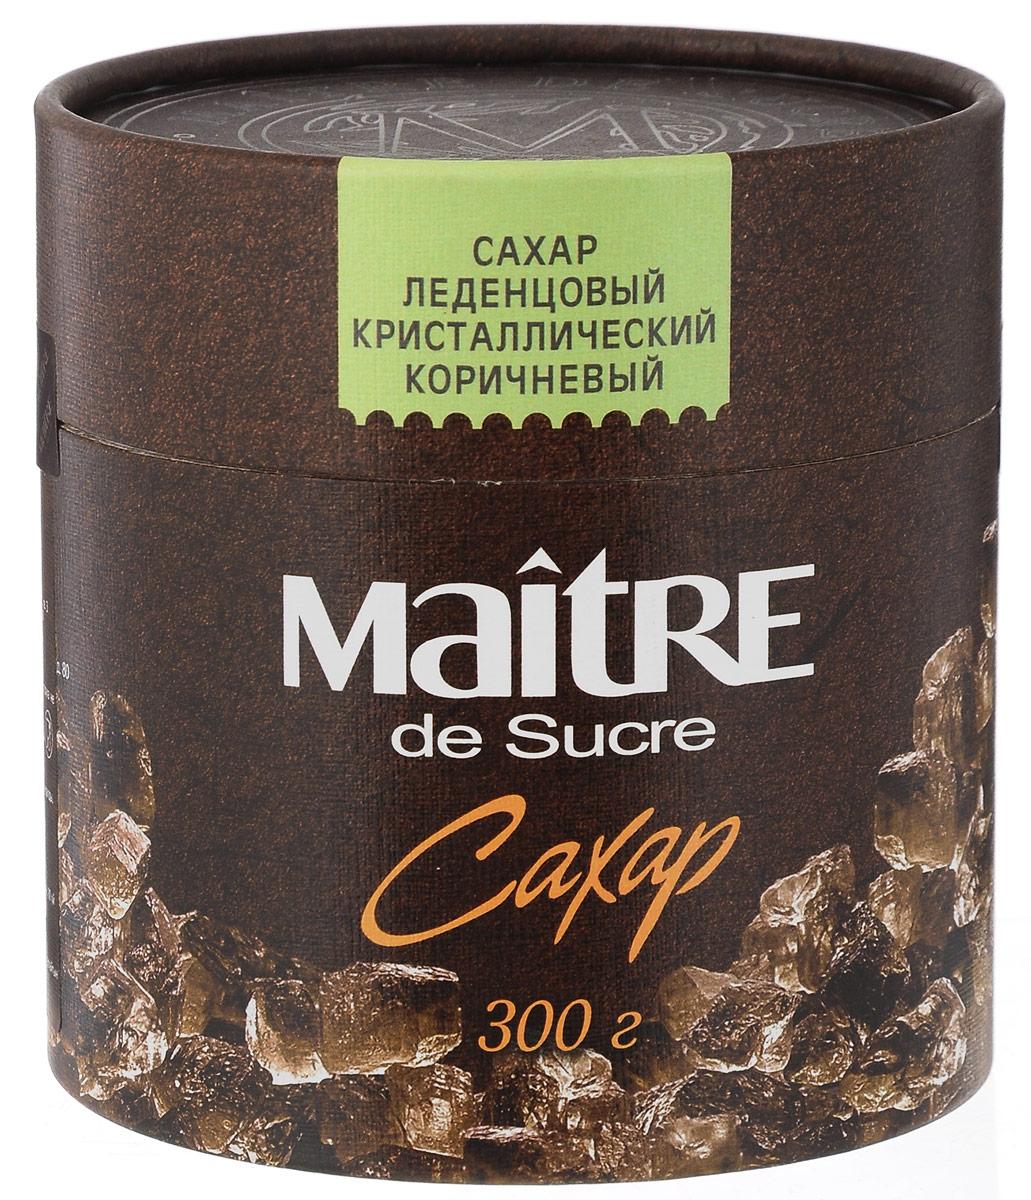 Maitre de Sucre сахар леденцовый коричневый кристаллический, 300 гбсб030Этот сахар доставит настоящее удовольствие любителям сладостей. Он отличается пикантным вкусом с карамельными нотками. Прекрасно подойдёт к чашечке кофе.